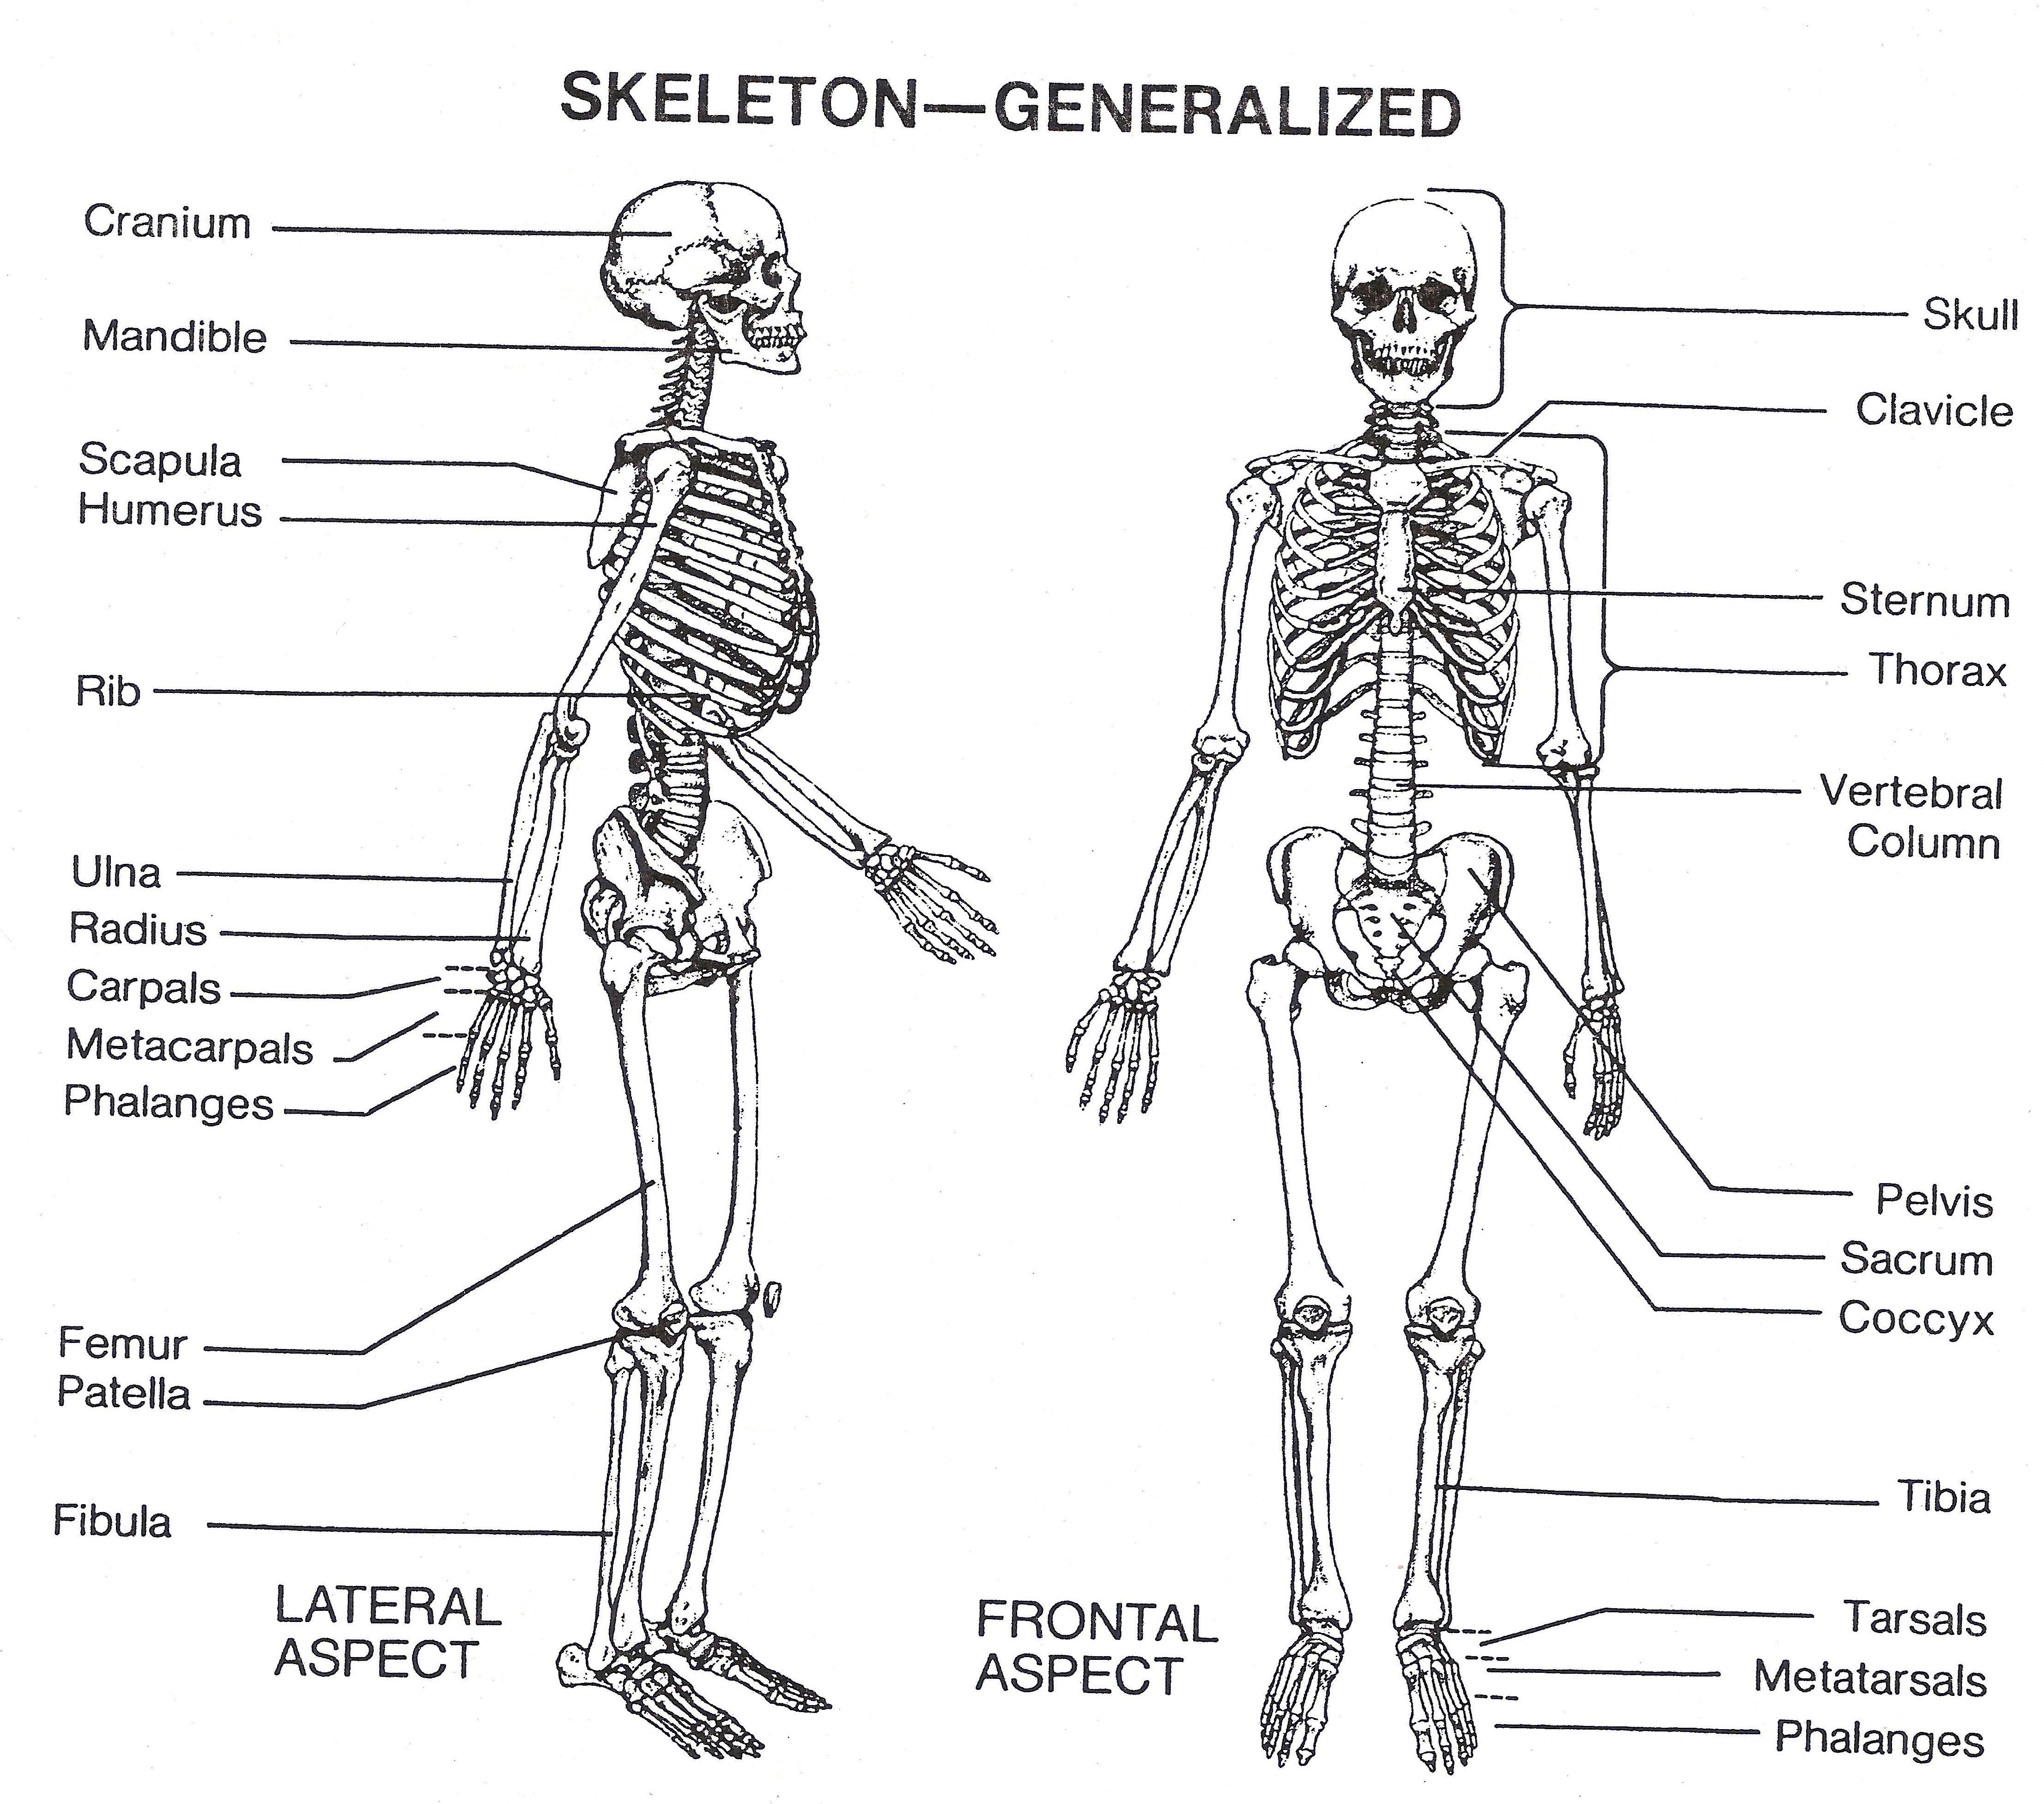 Skeletal System Bones Pinterest Skeletal System Skeleton And